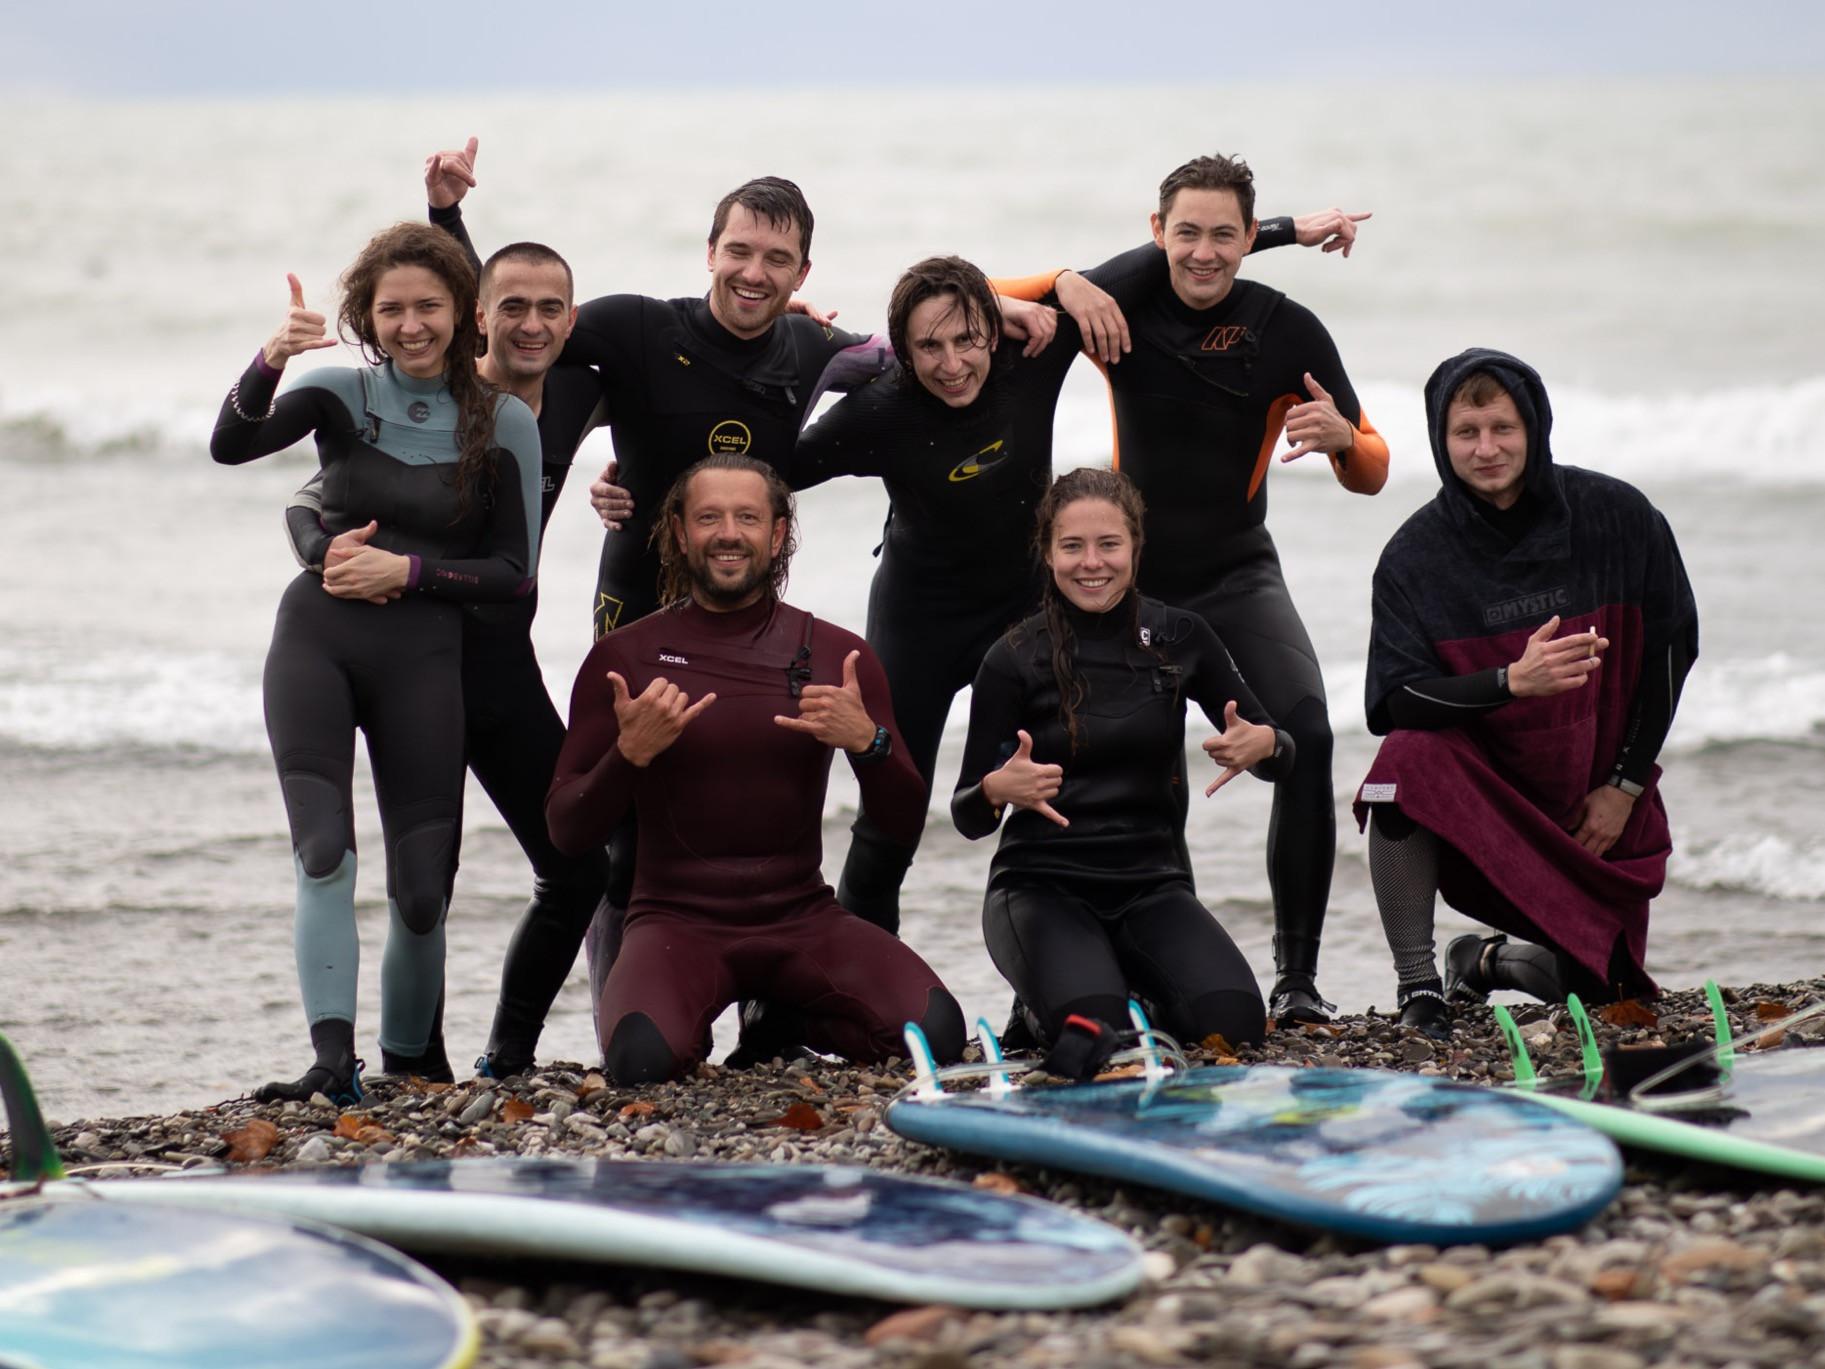 Базовый курс сёрфинга (сёрфподготовка)